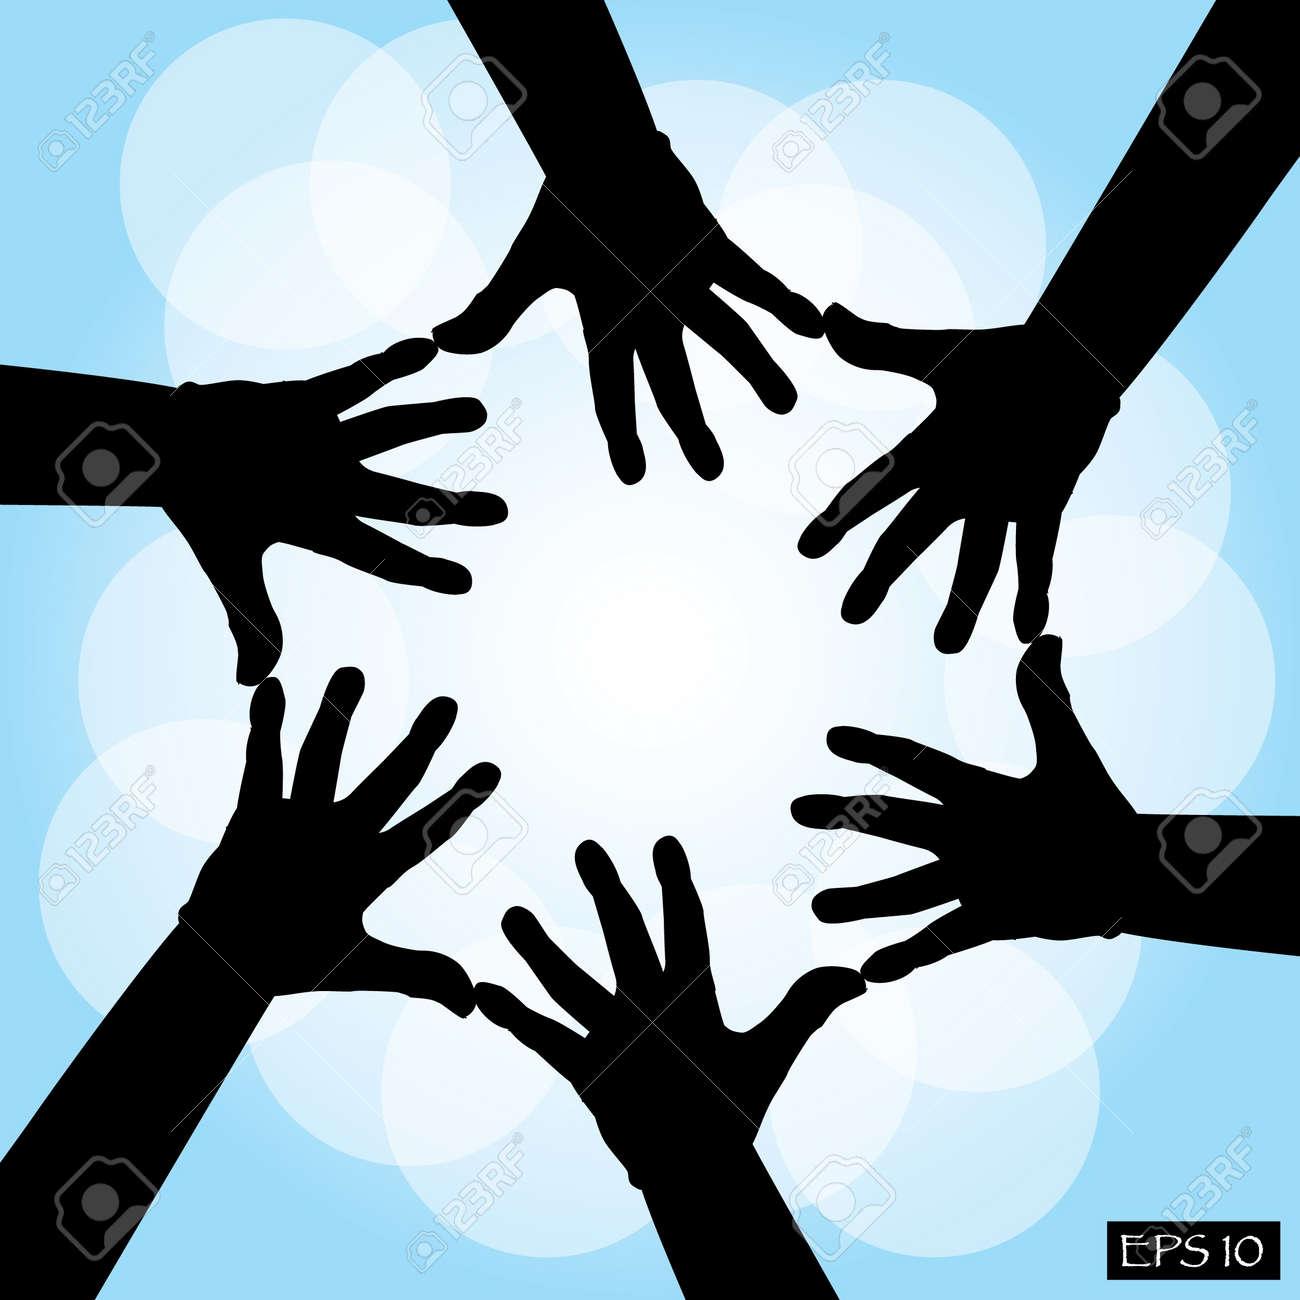 6 人の共同手 イラストのイラスト素材ベクタ Image 12450119